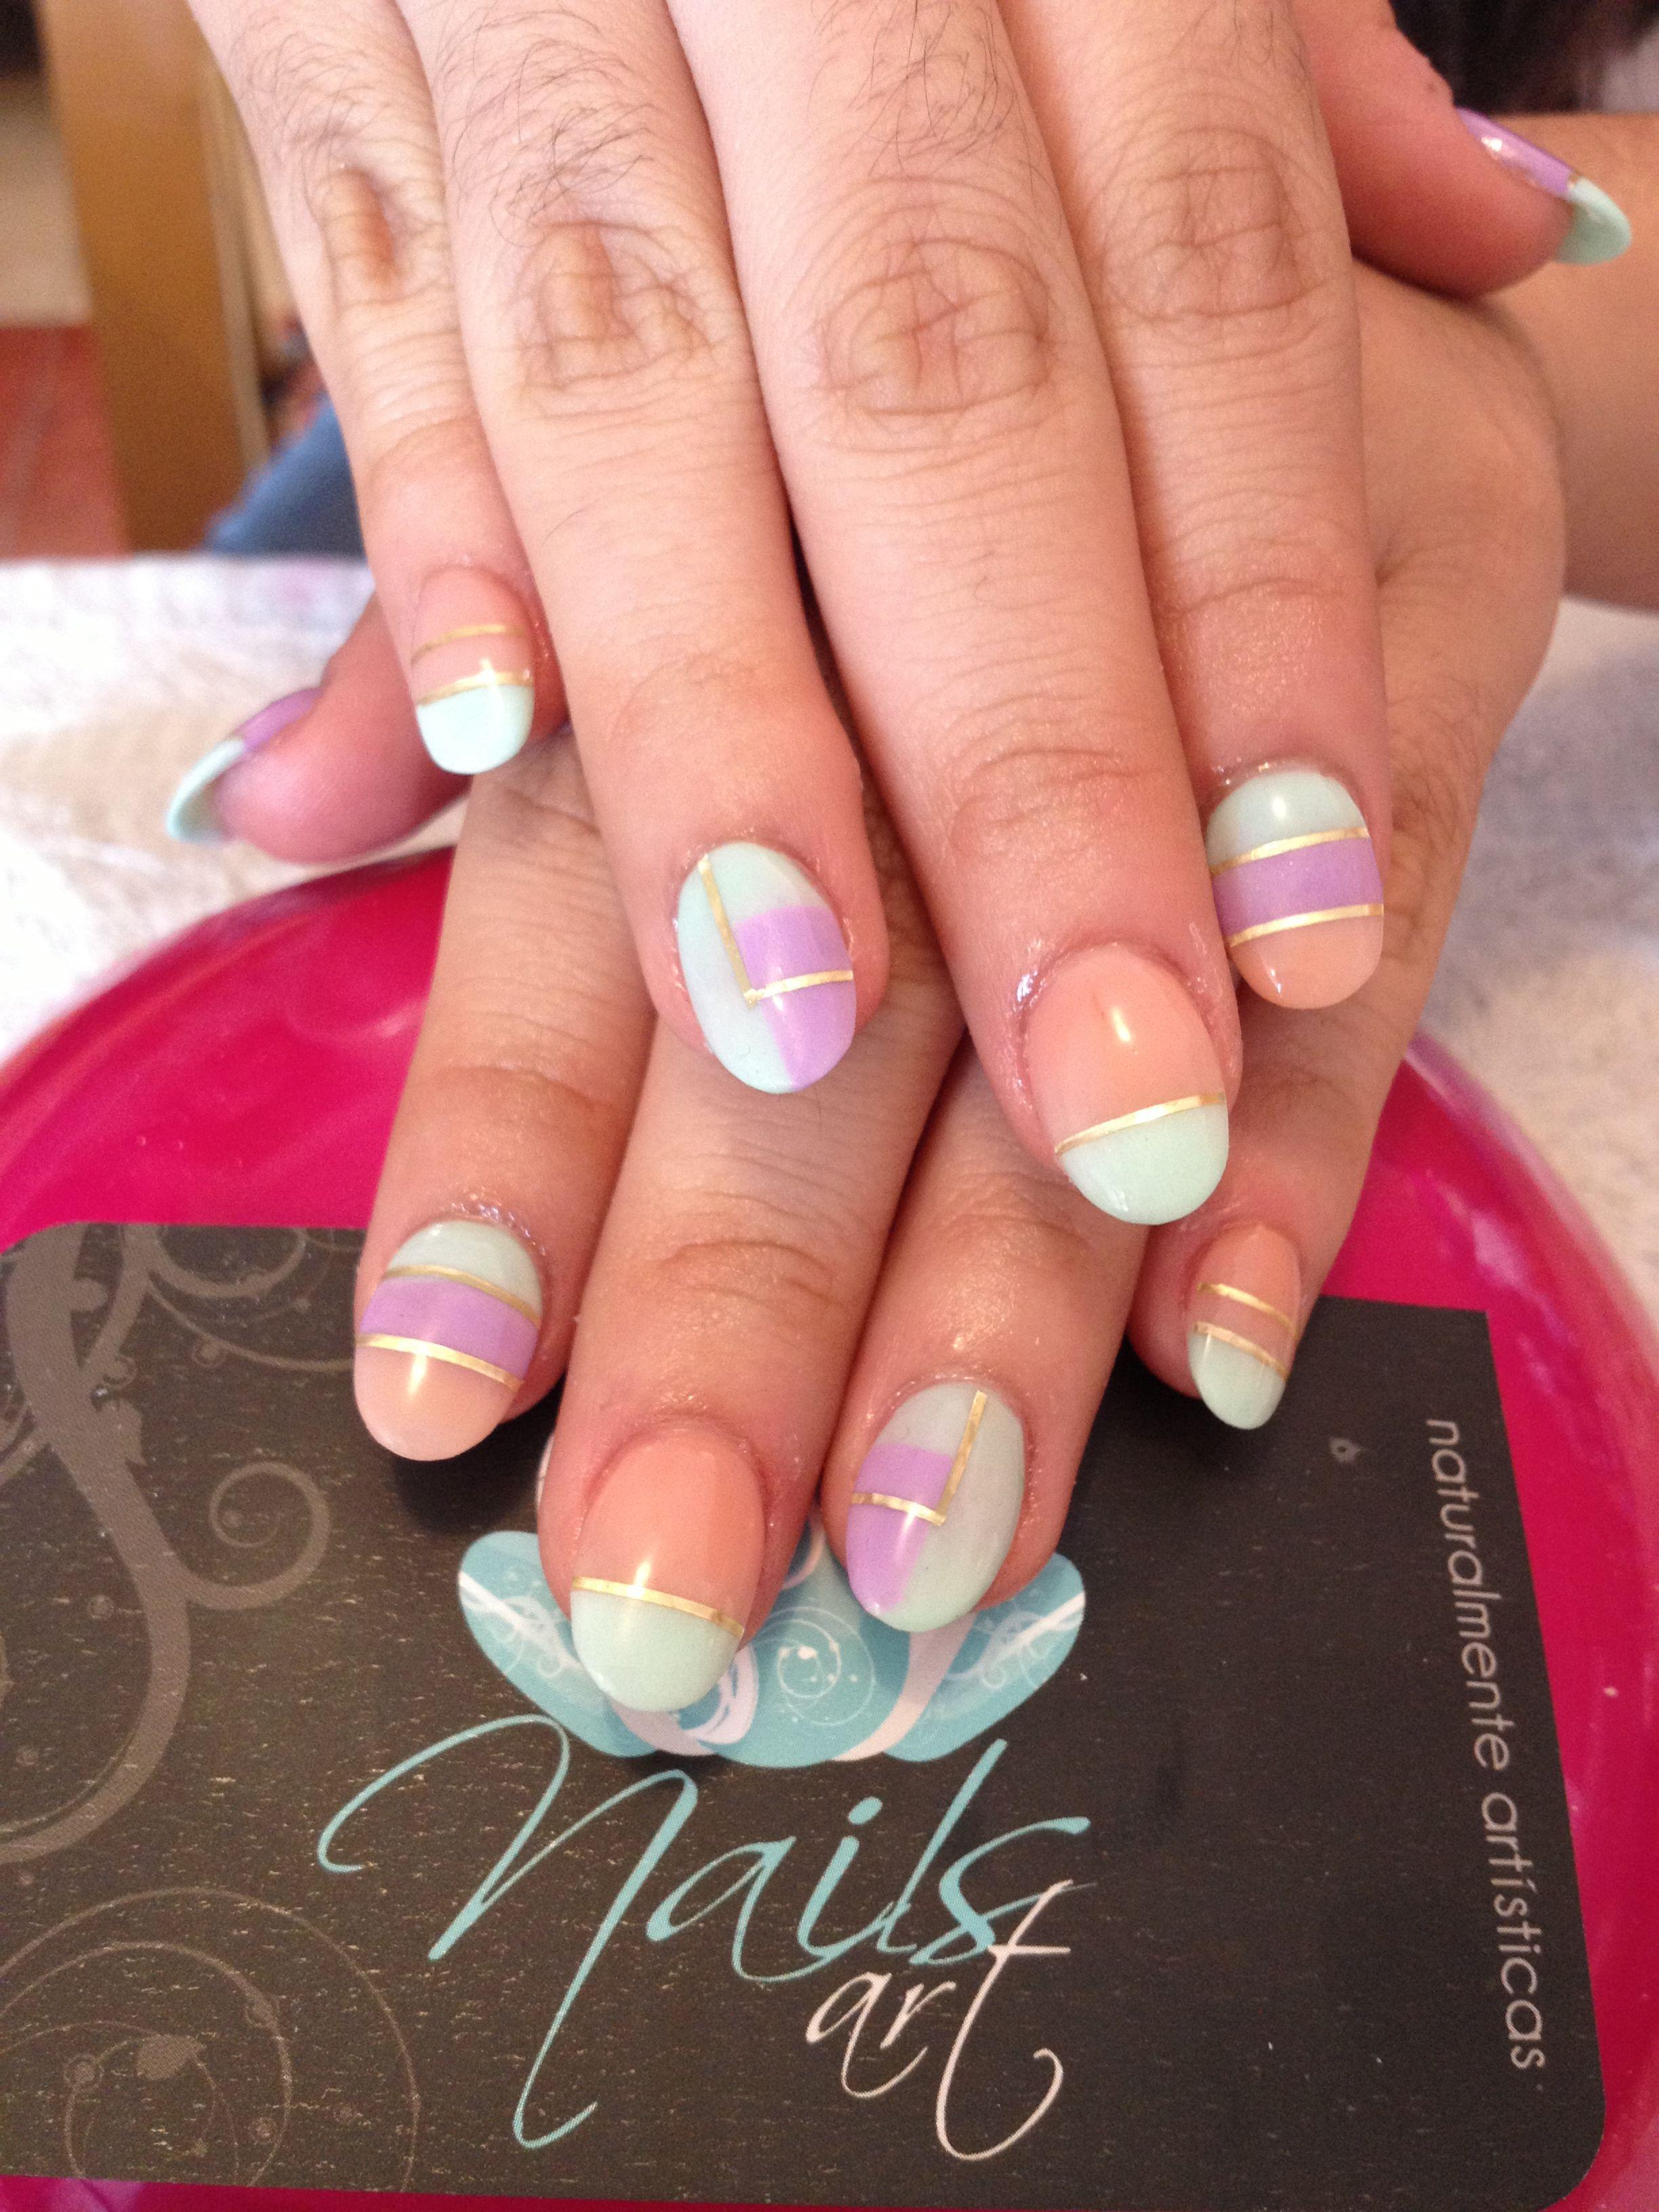 #nails art #acrylic nails #summer nails